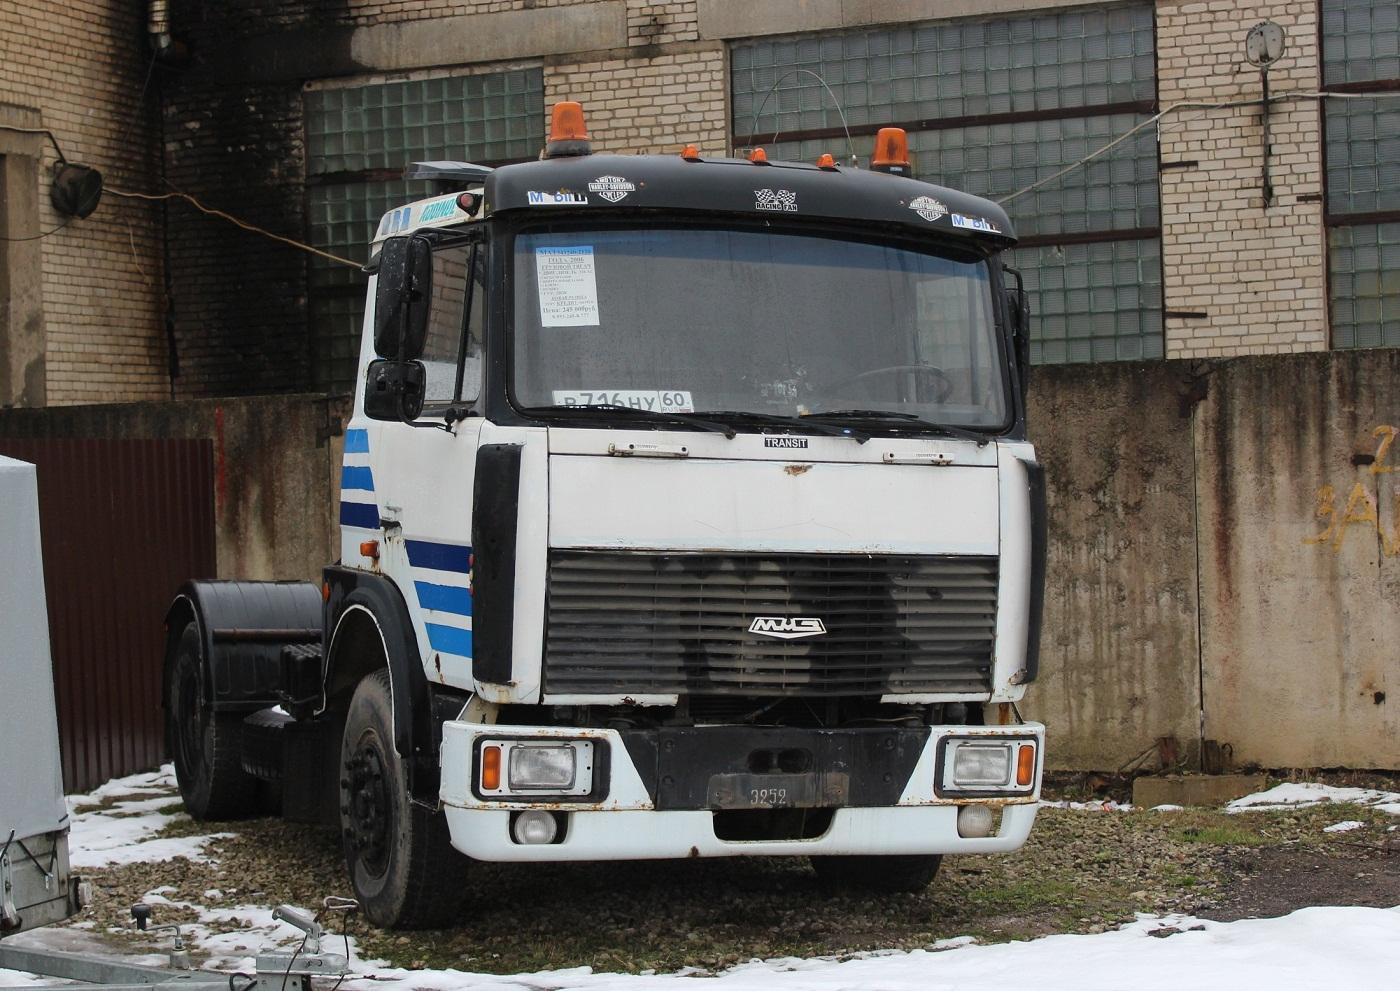 Седельный тягач МАЗ-5432 #В 716 НУ 60. Псков, Советская улица